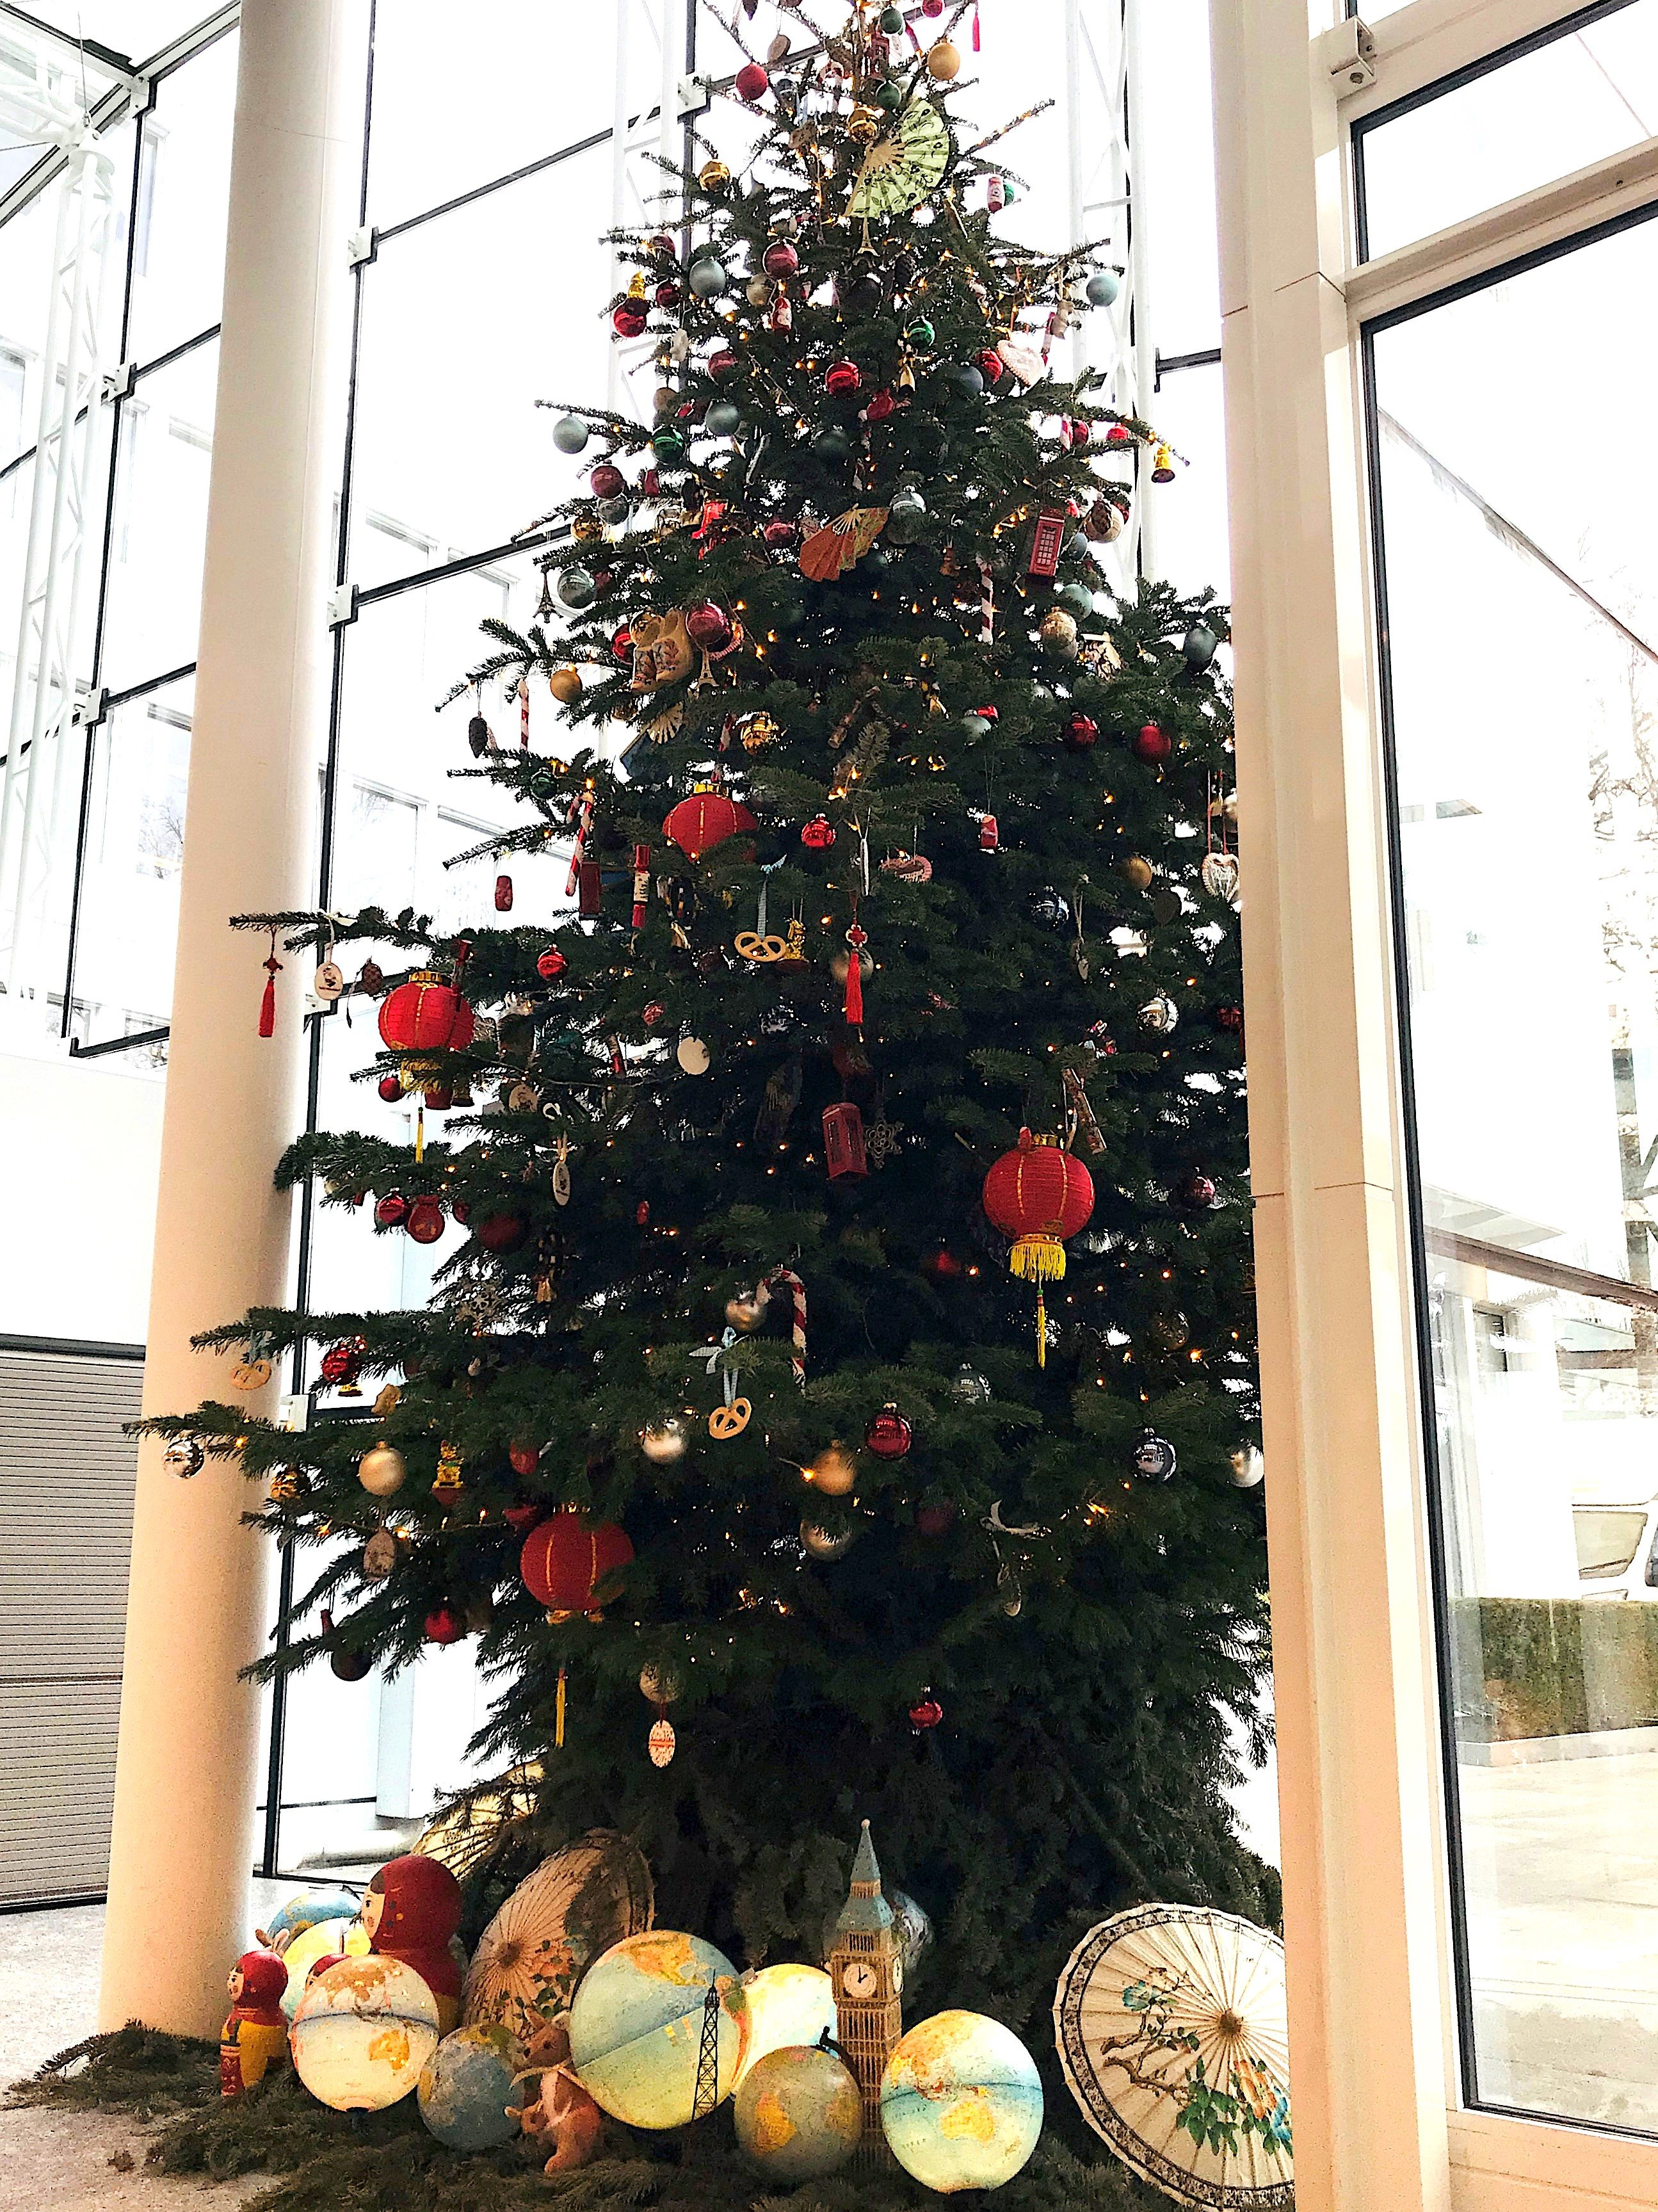 Stattlicher und reich geschmückter Weihnachtsbaum – über dieses Prachtexemplar können sich die Mitarbeiter von Glencore in Baar freuen.